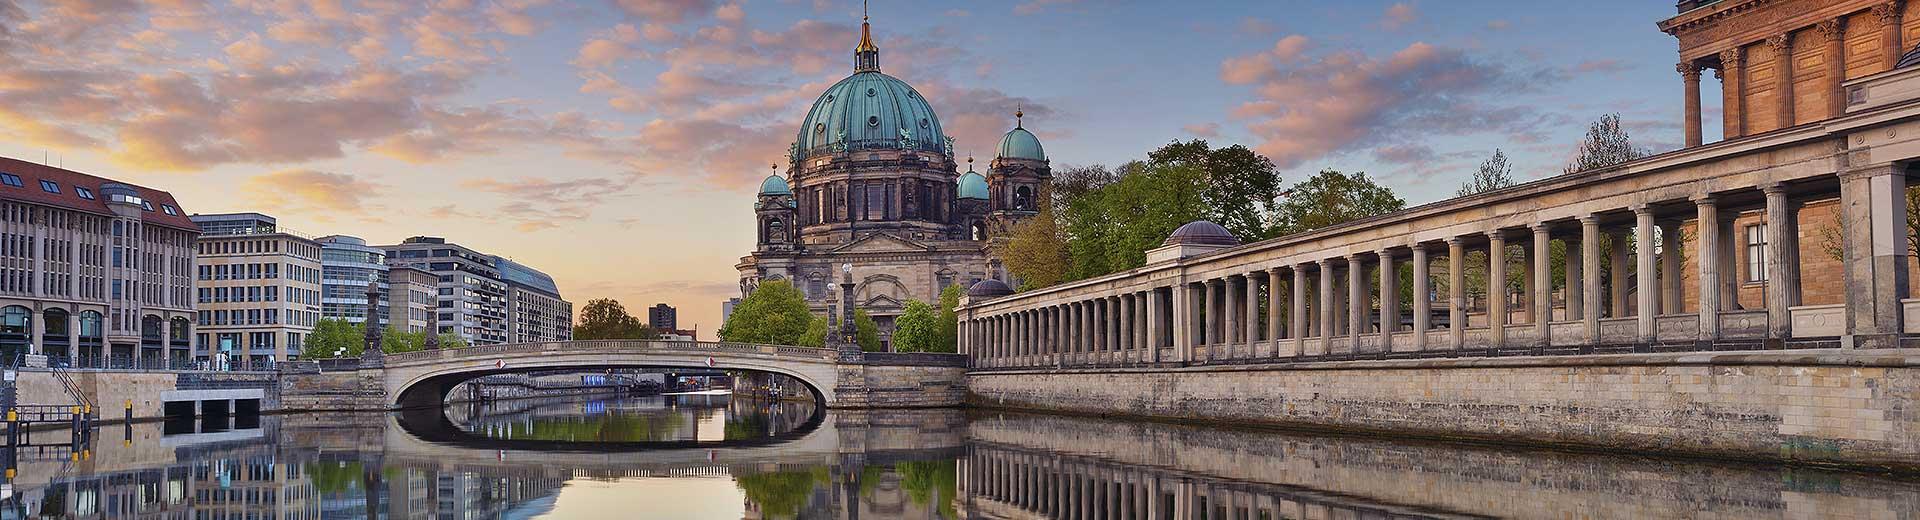 Gruppenreise Berlin - Package Gruppen Classic Bahn